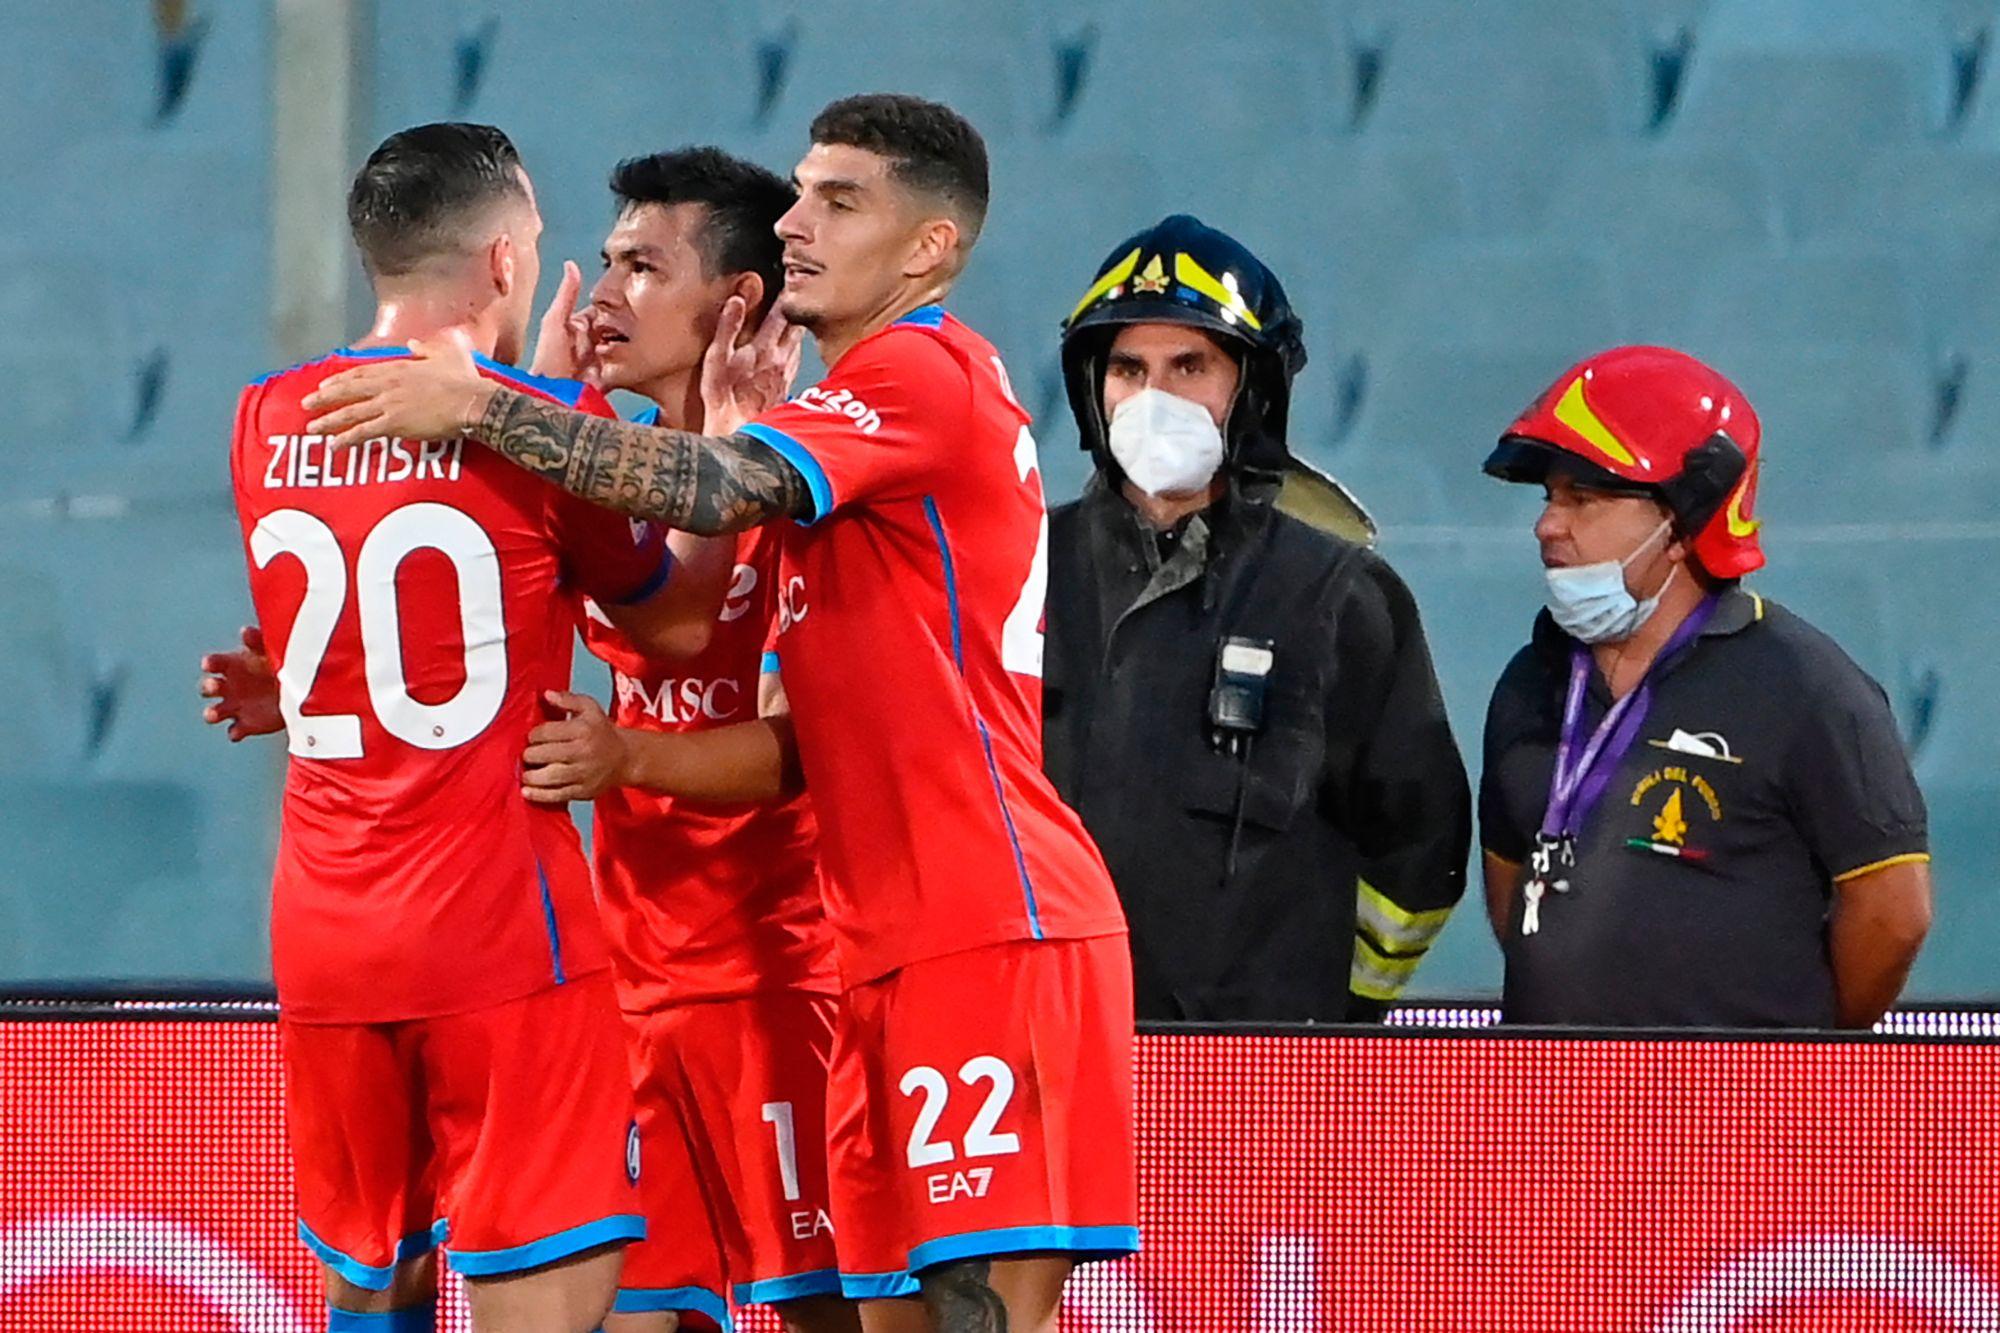 El líder del Napoli sigue imparable, el Milan domina al Atalanta en la Serie a - Prensa Libre